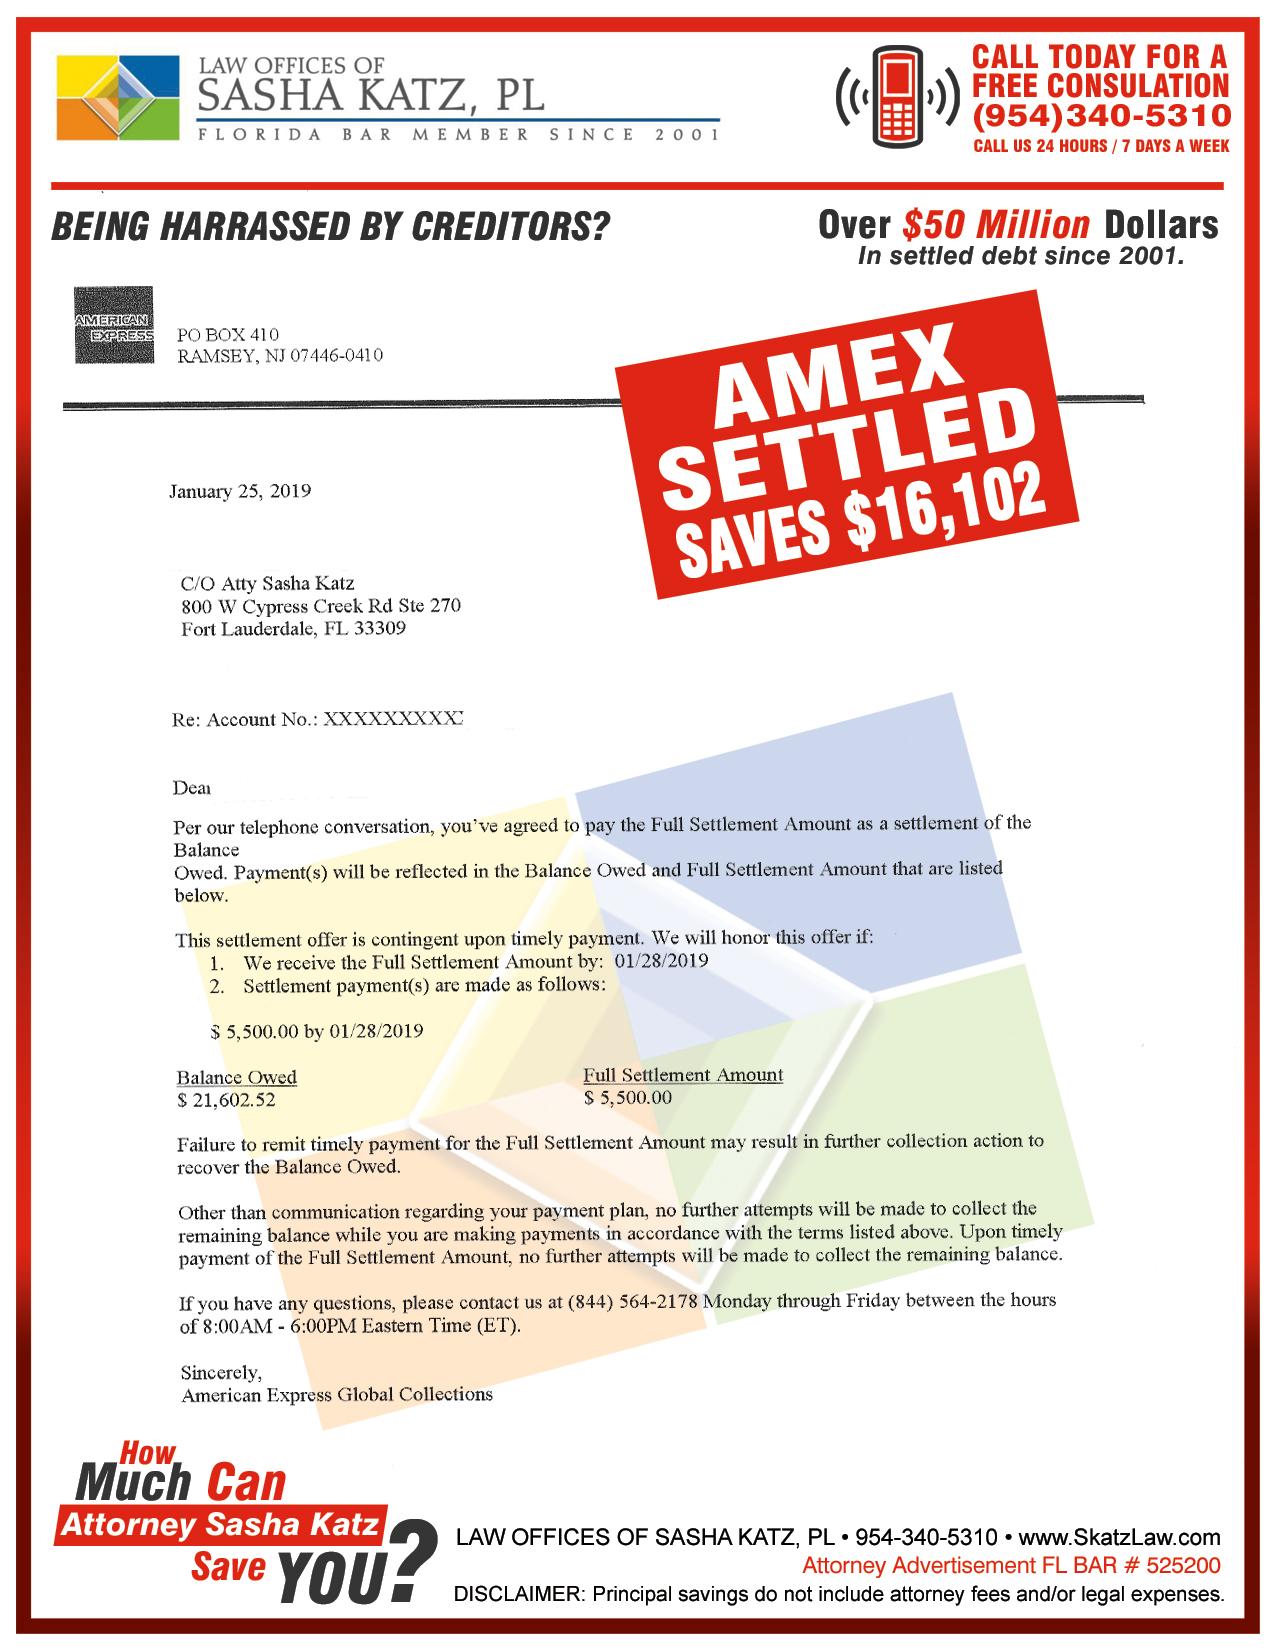 settlement_letter22_2020